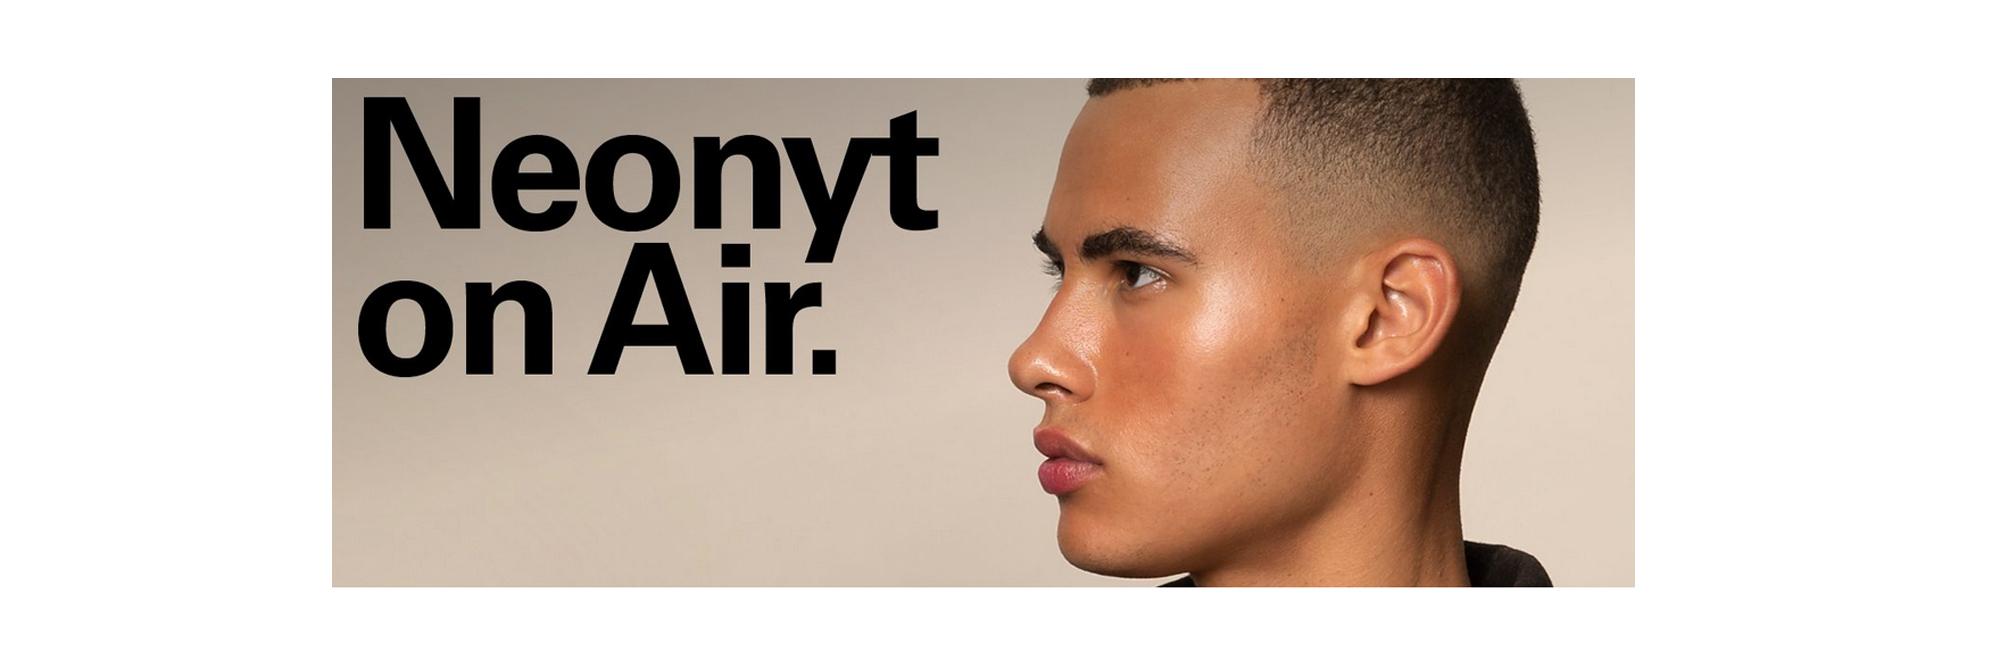 NEONYT on Air 2021 – das Programm